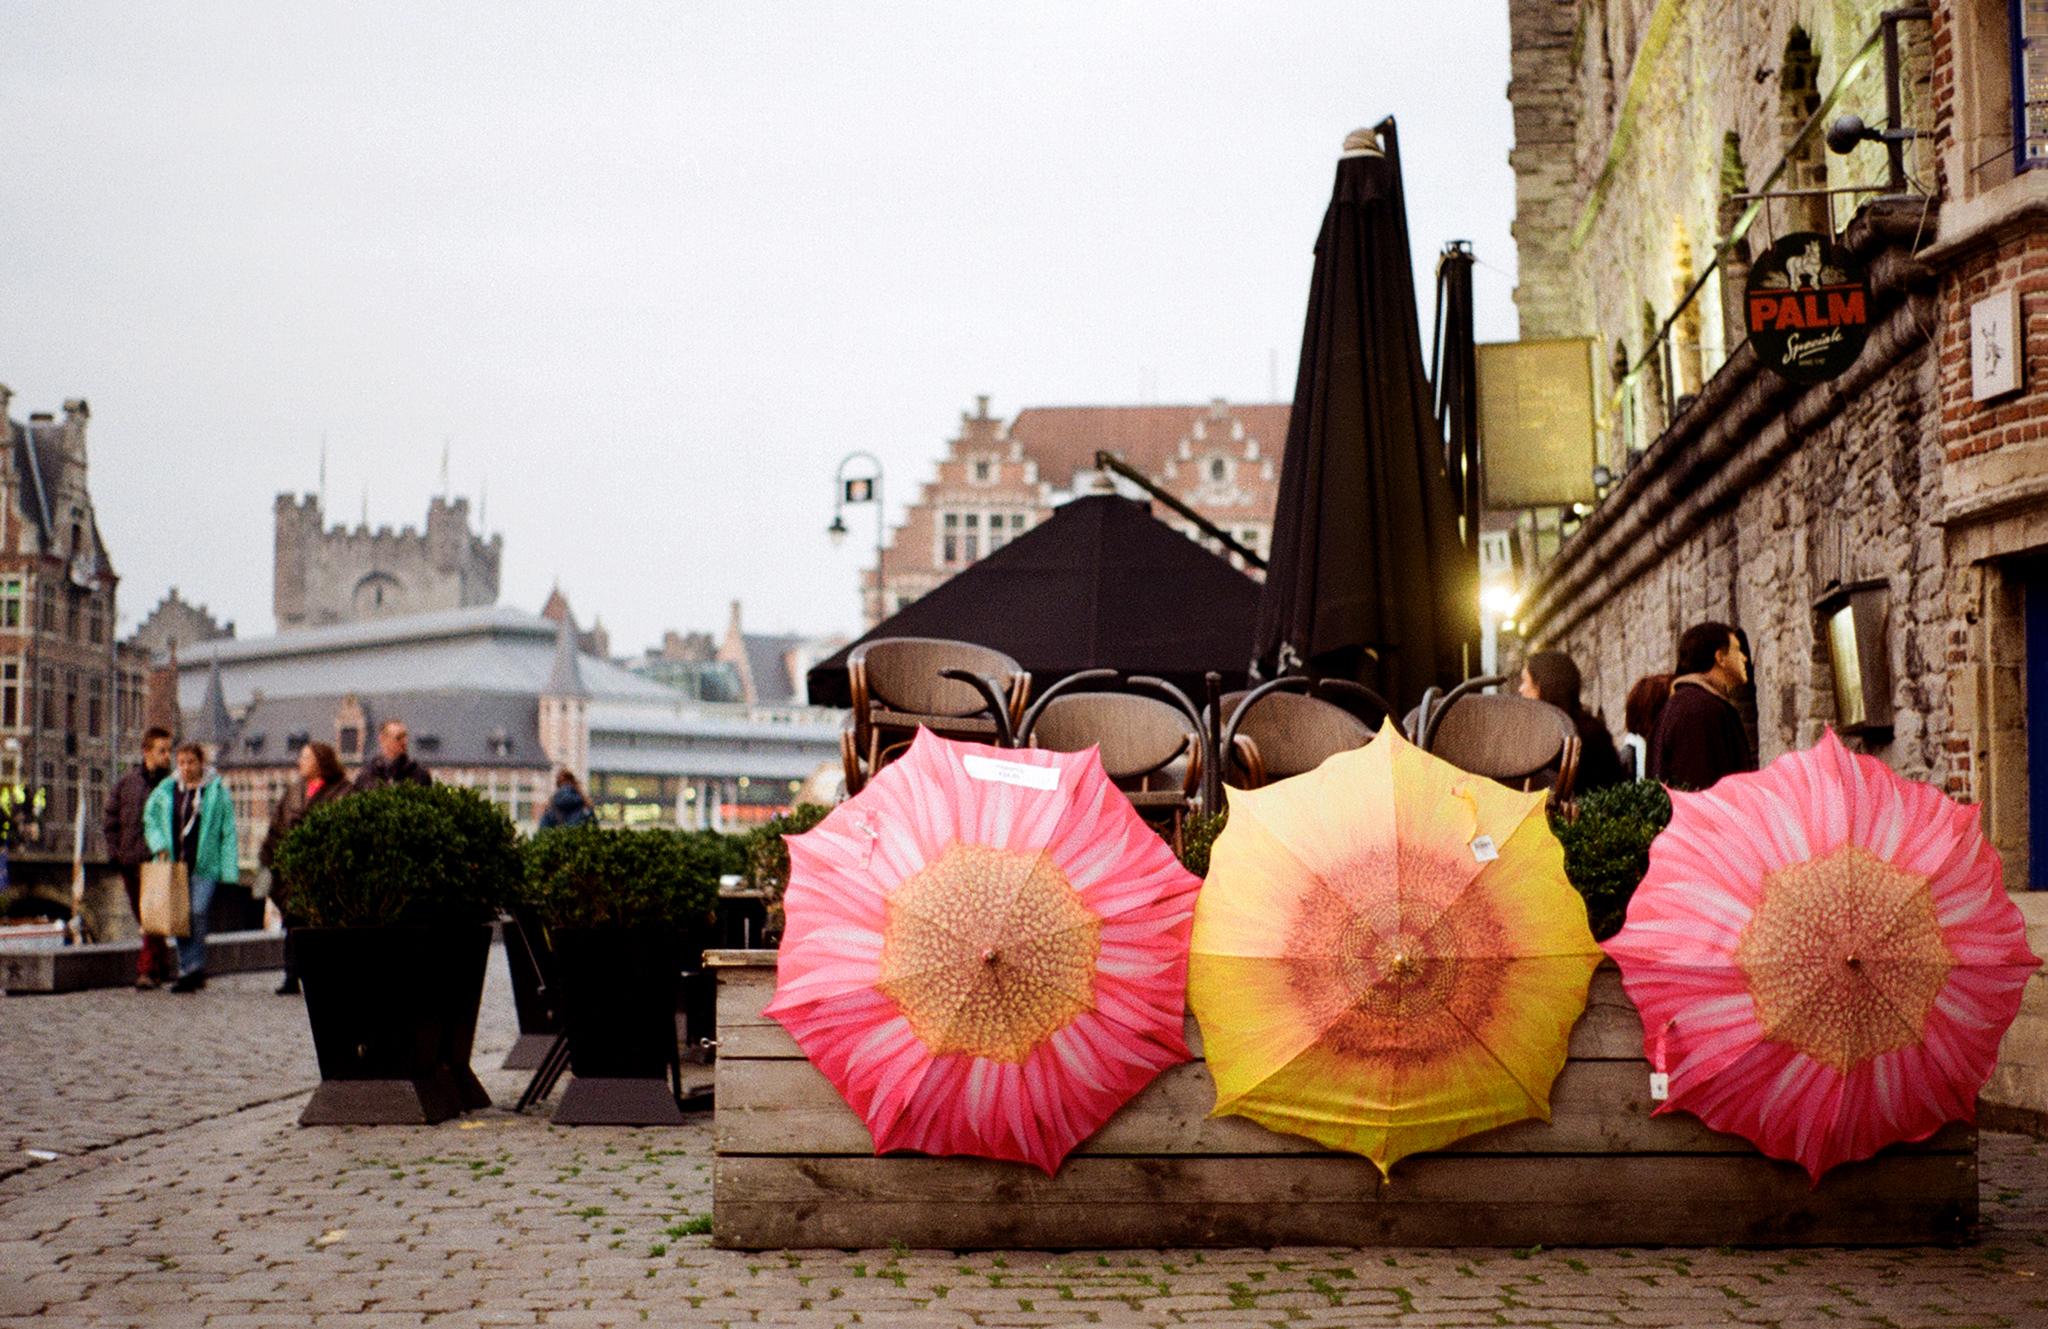 Belgium-Umbrellas.jpg